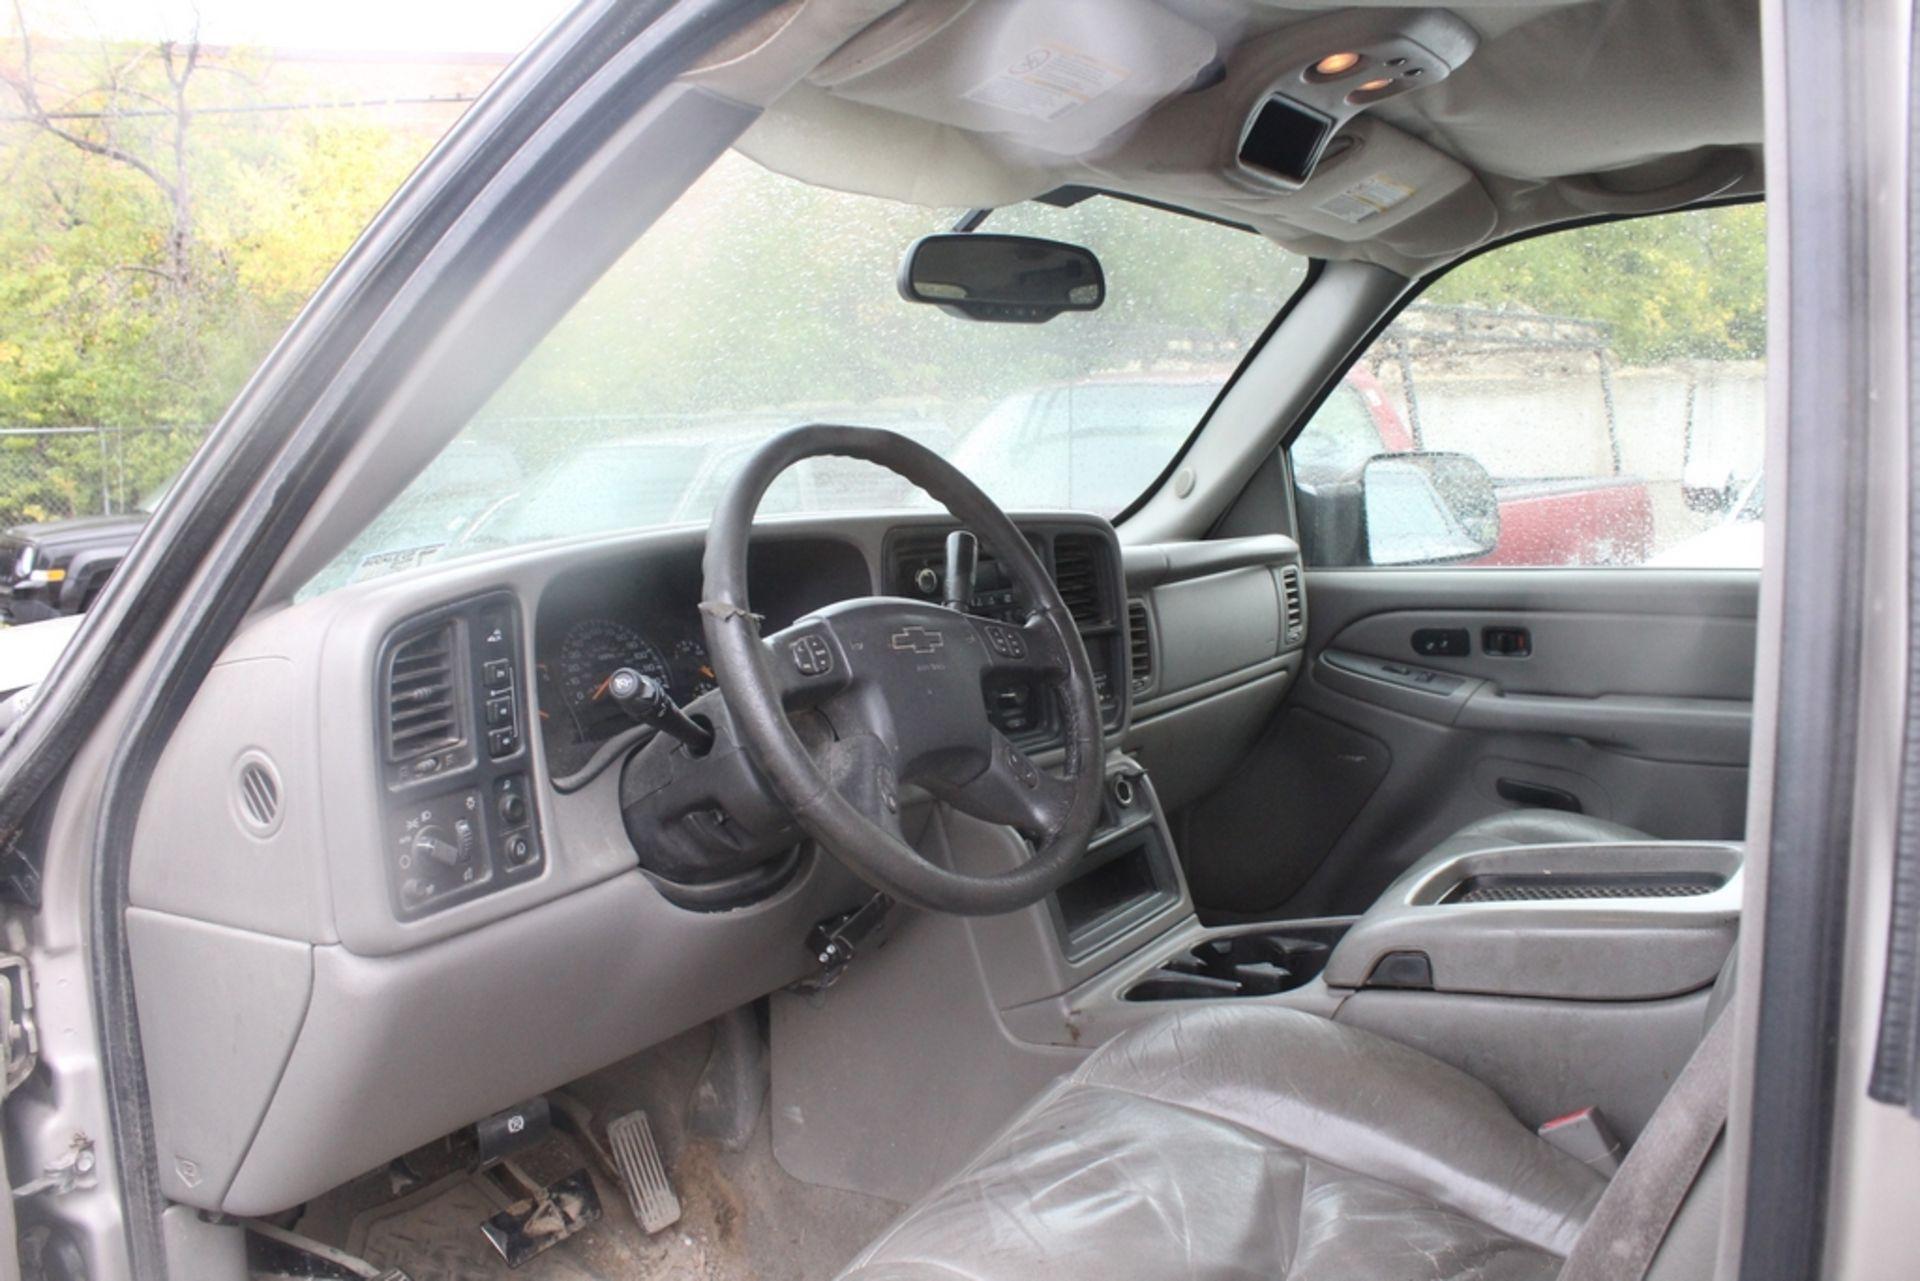 Lot 8 - 2005 CHEVROLET SILVERADO 2500HD, 6.6L V-8, AUTO. 4WD, VIN 1GCHK29245E217431